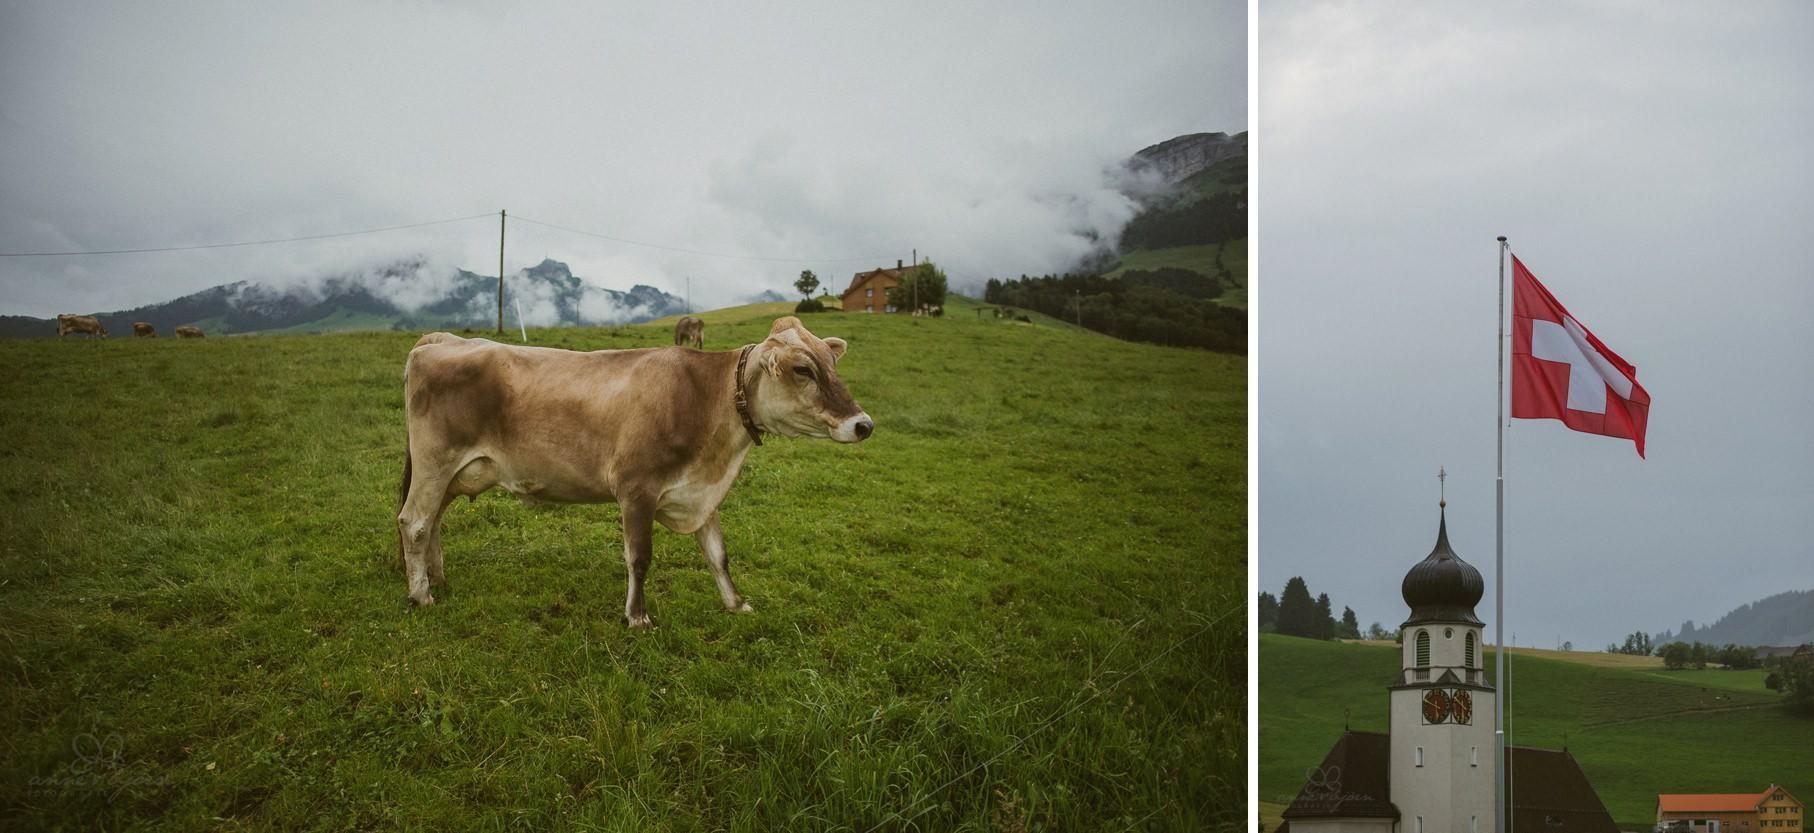 0002 anne und bjoern suc schweiz 811 4866 - After Wedding Shooting in der Schweiz - Sabrina & Christoph